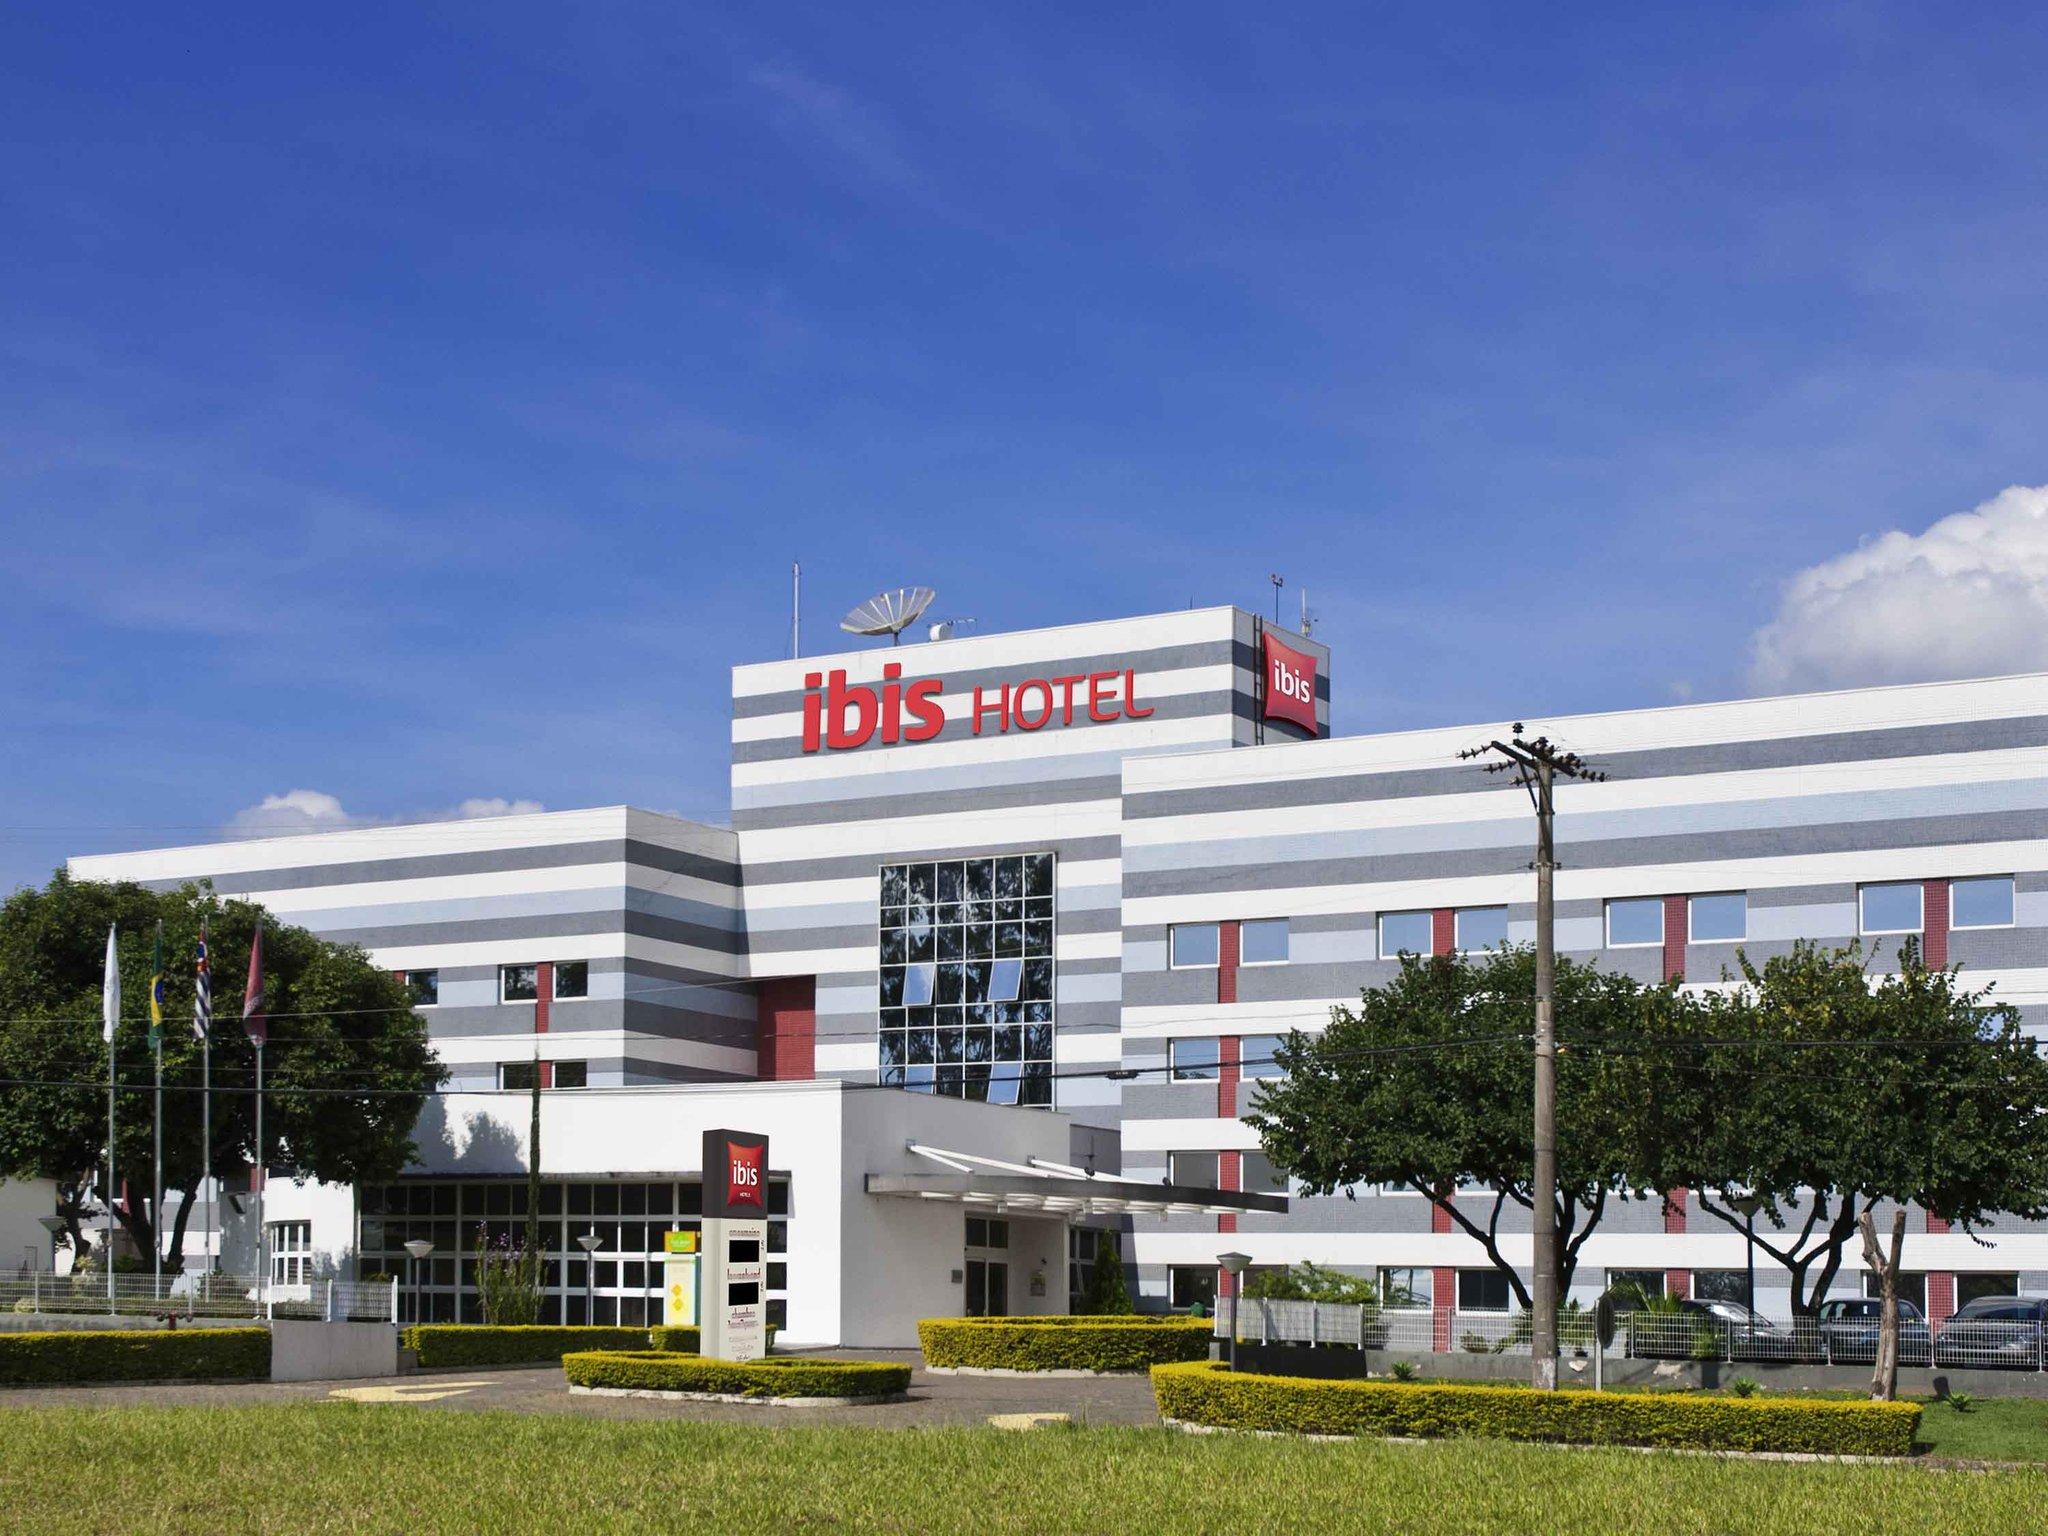 Ibis Hotel Indaiatuba